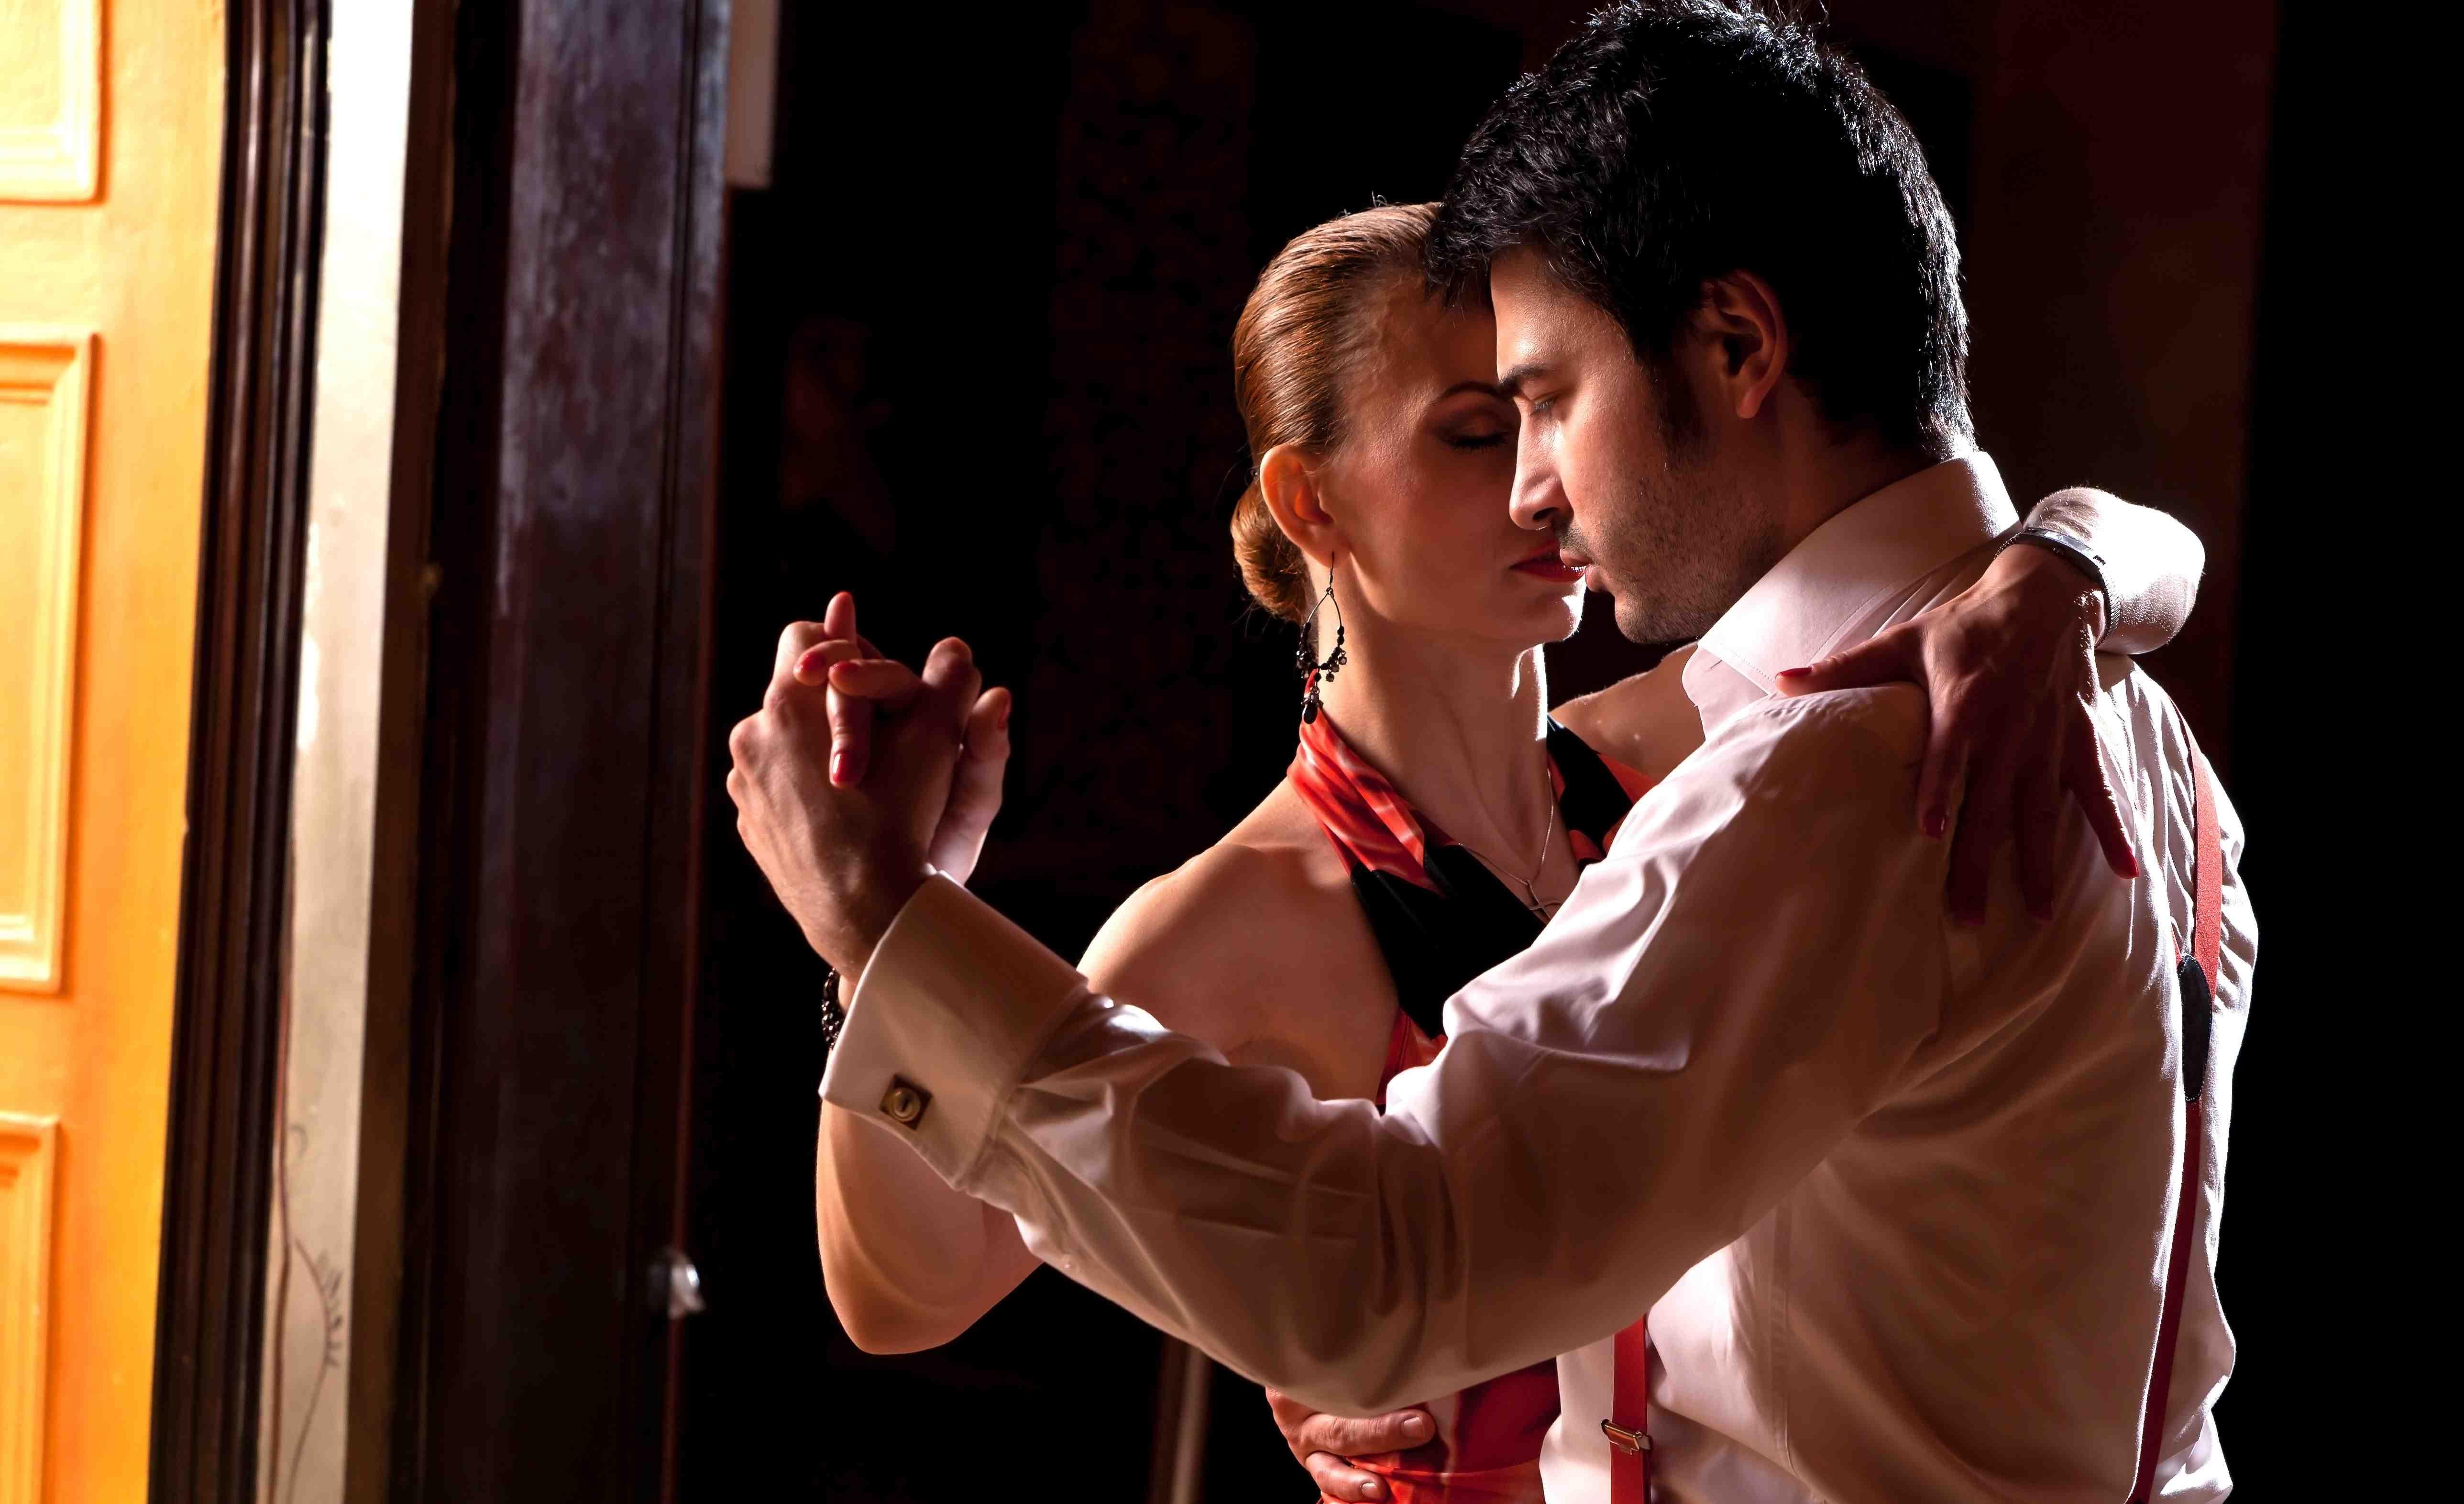 Почему люди обучаются танцам?